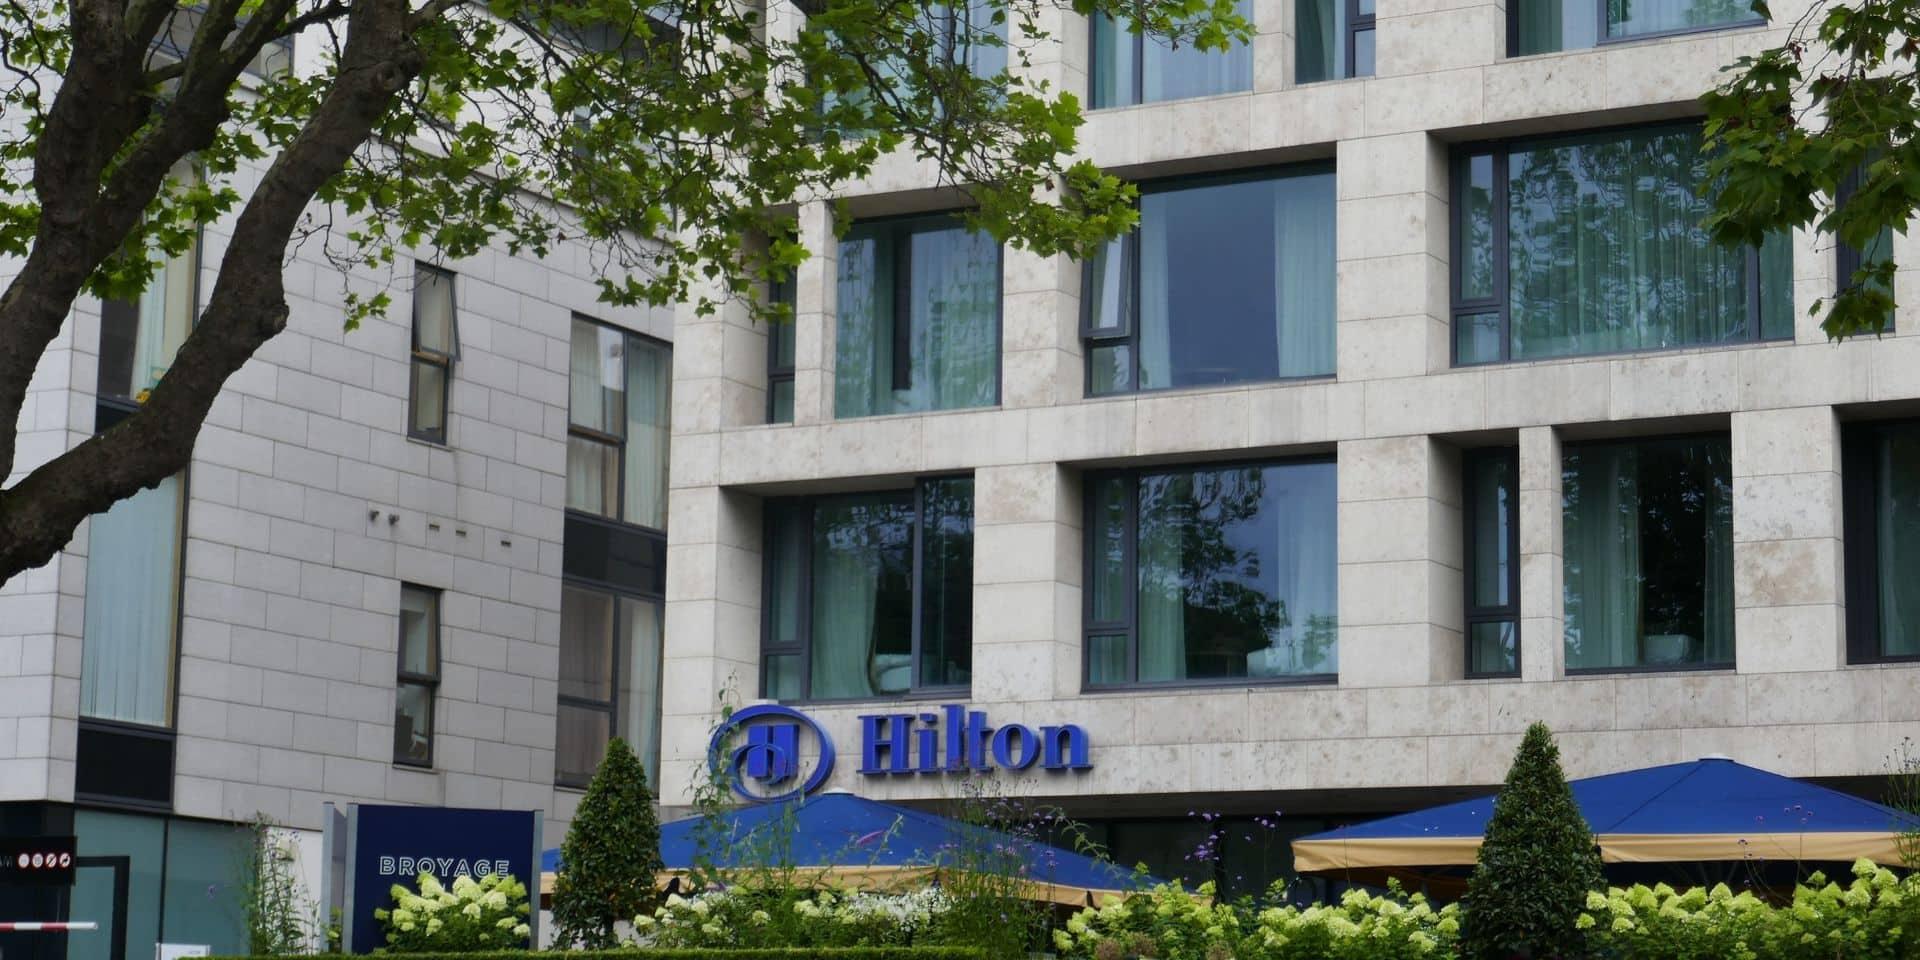 Immobilier: Covivio achète pour plus de 600 millions d'euros d'hôtels à travers l'Europe